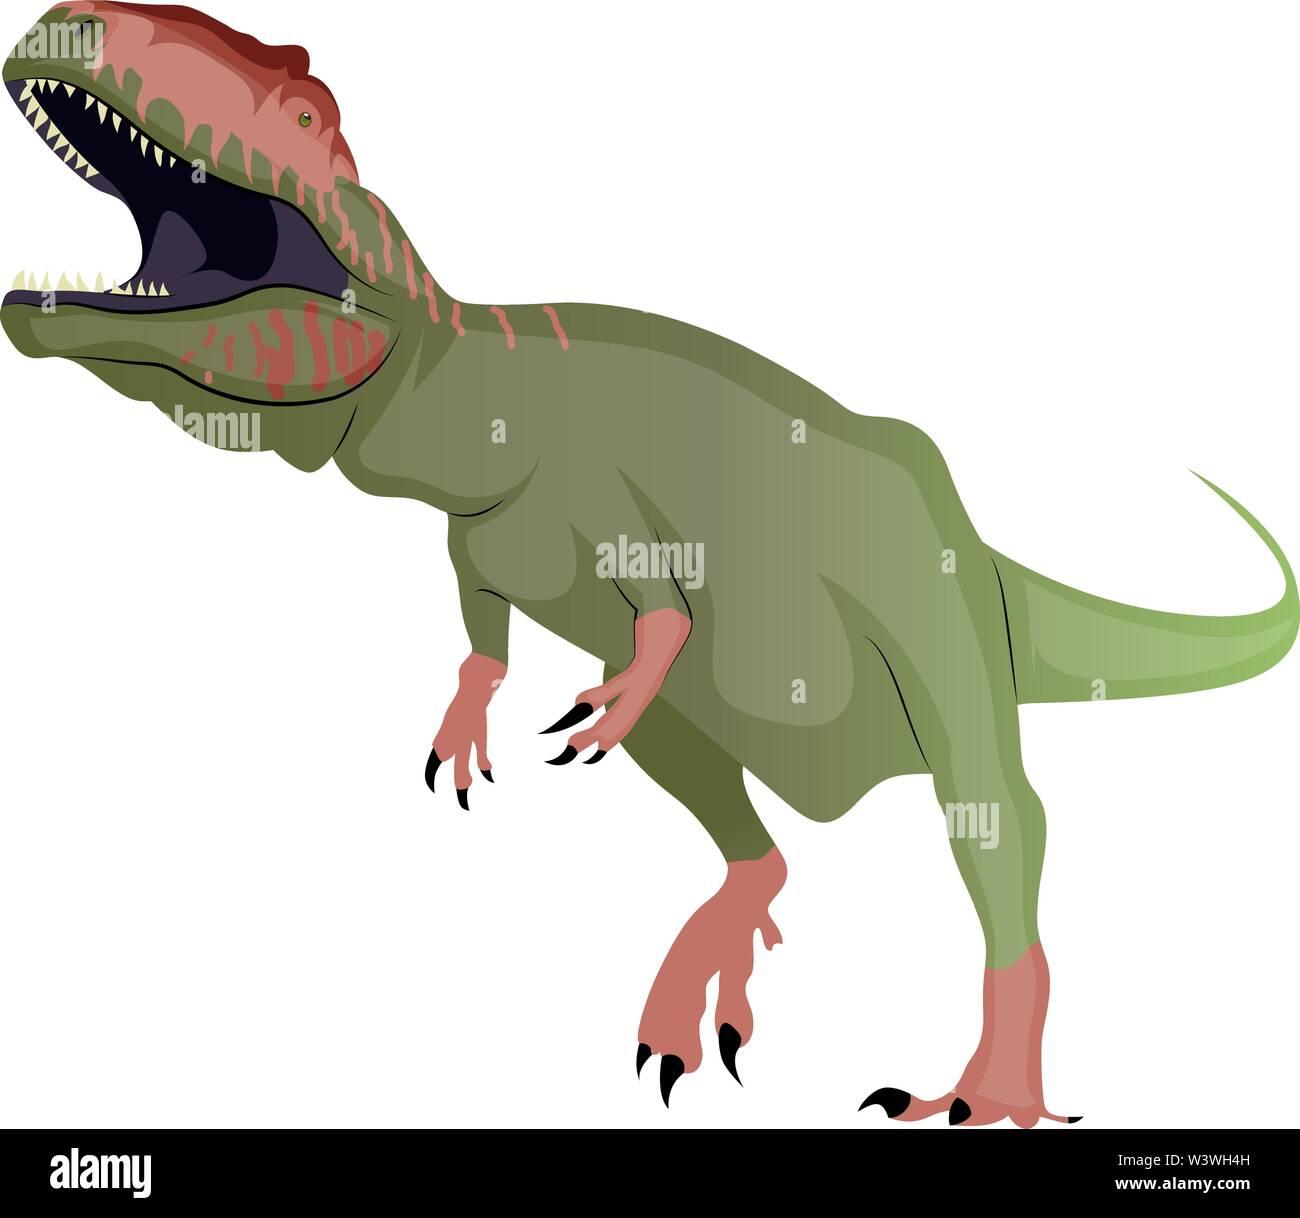 Giganotosaurus, illustration, vector on white background. - Stock Image